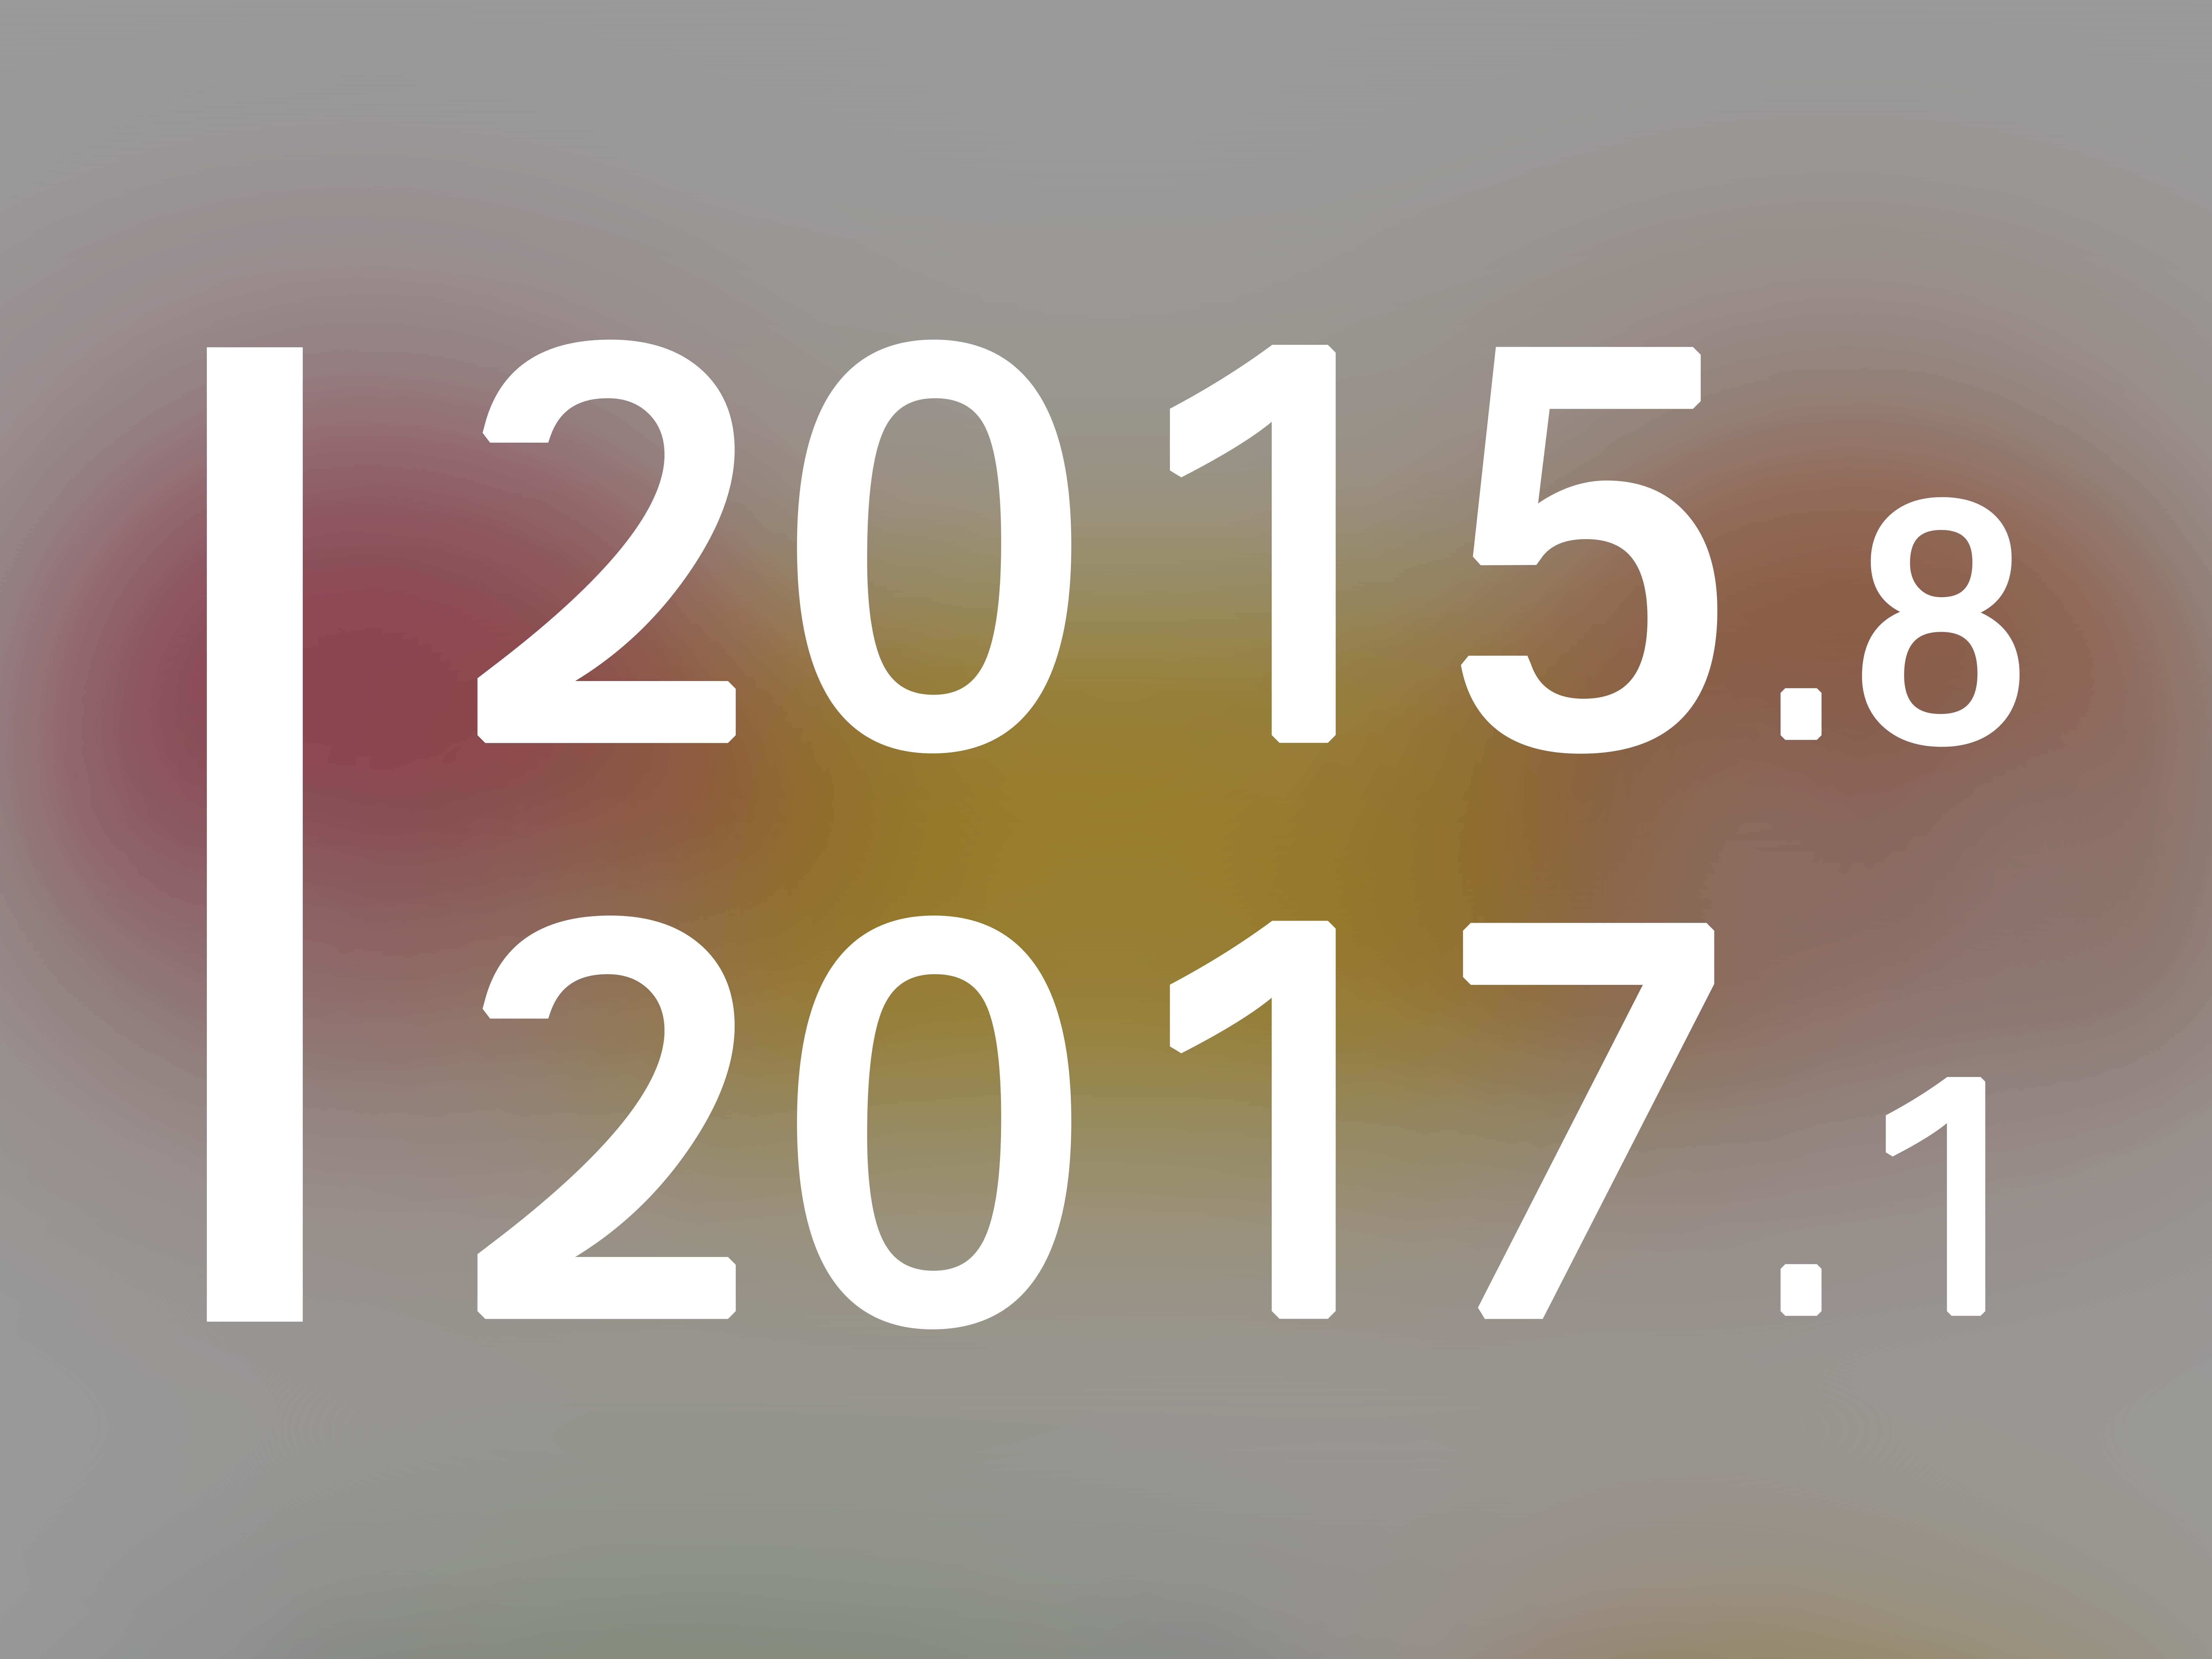 2015.8-2017.1曲面,三维及3d打印作品(部分)平面显示器平面设计有v曲面吗图片